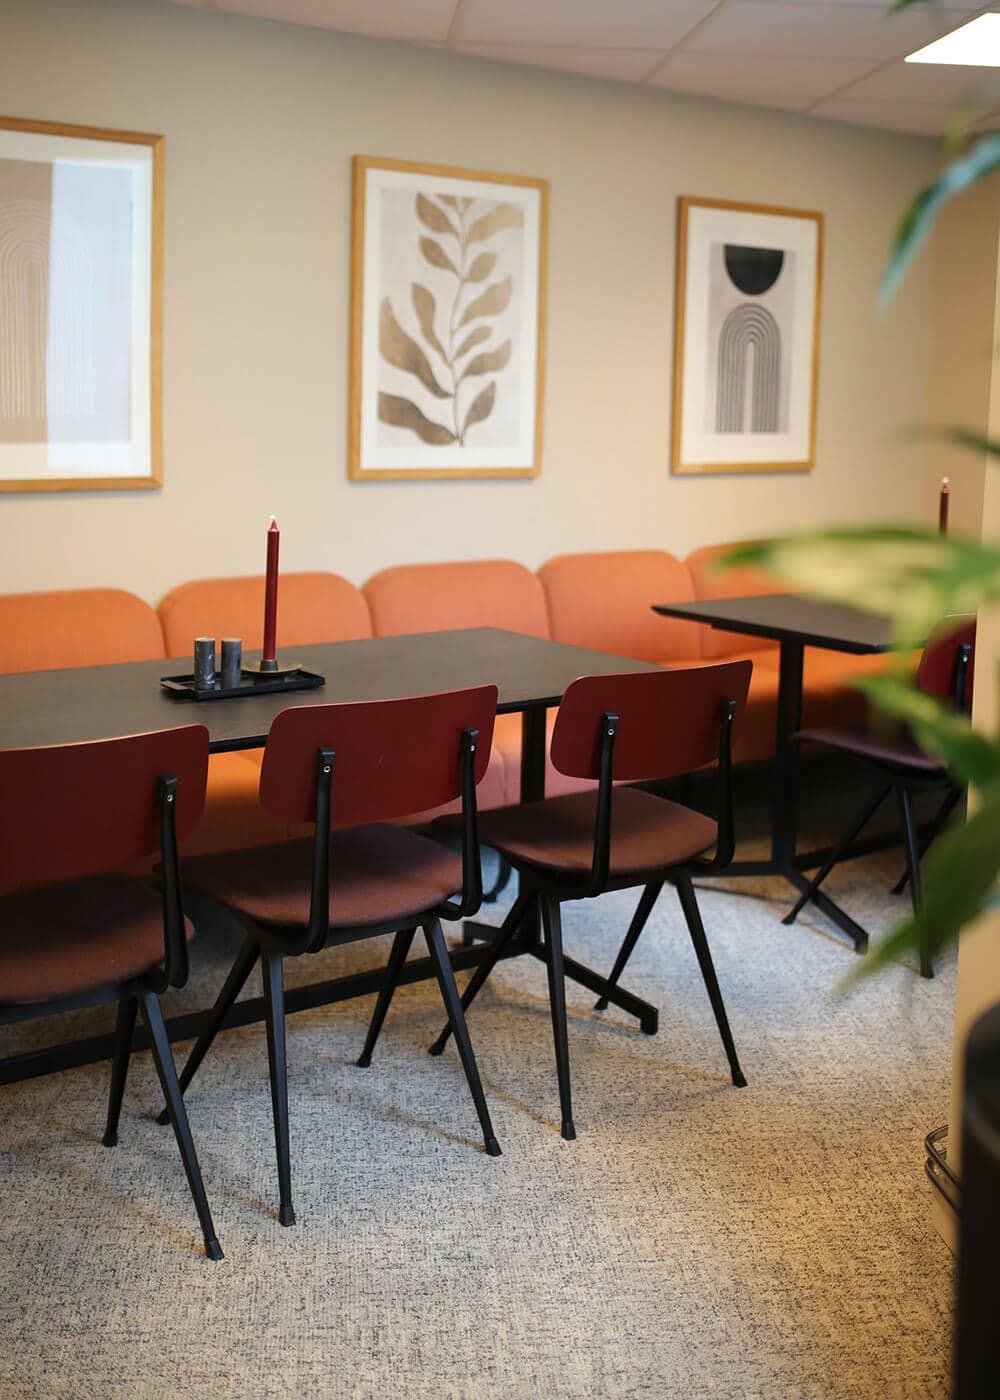 Przytulnie jak wdomu: biuro Castellum wSzwecji